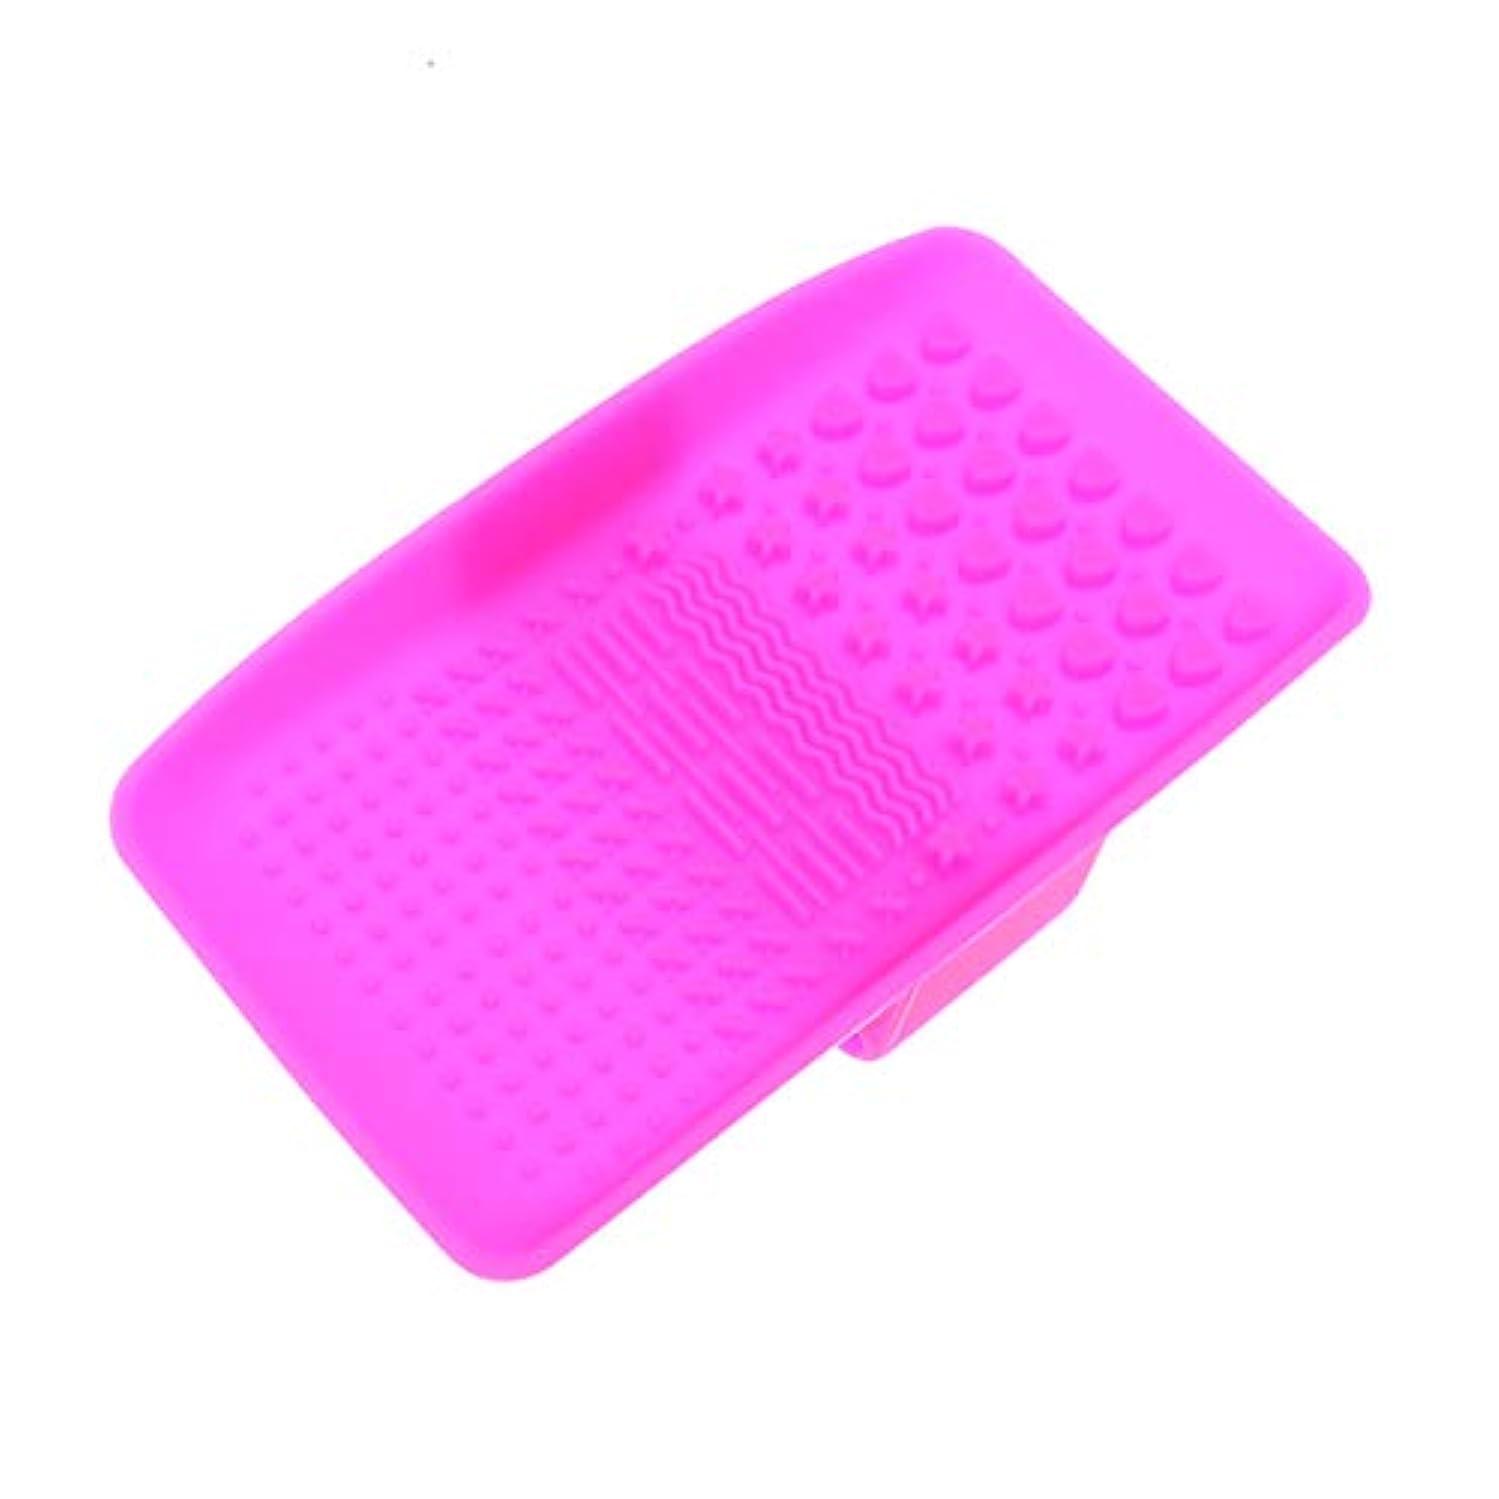 道を作る幸運魔法Beaupretty 吸引ブラシが付いているシリコーンのブラシのクリーニングのマットの携帯用化粧品のブラシの洗剤